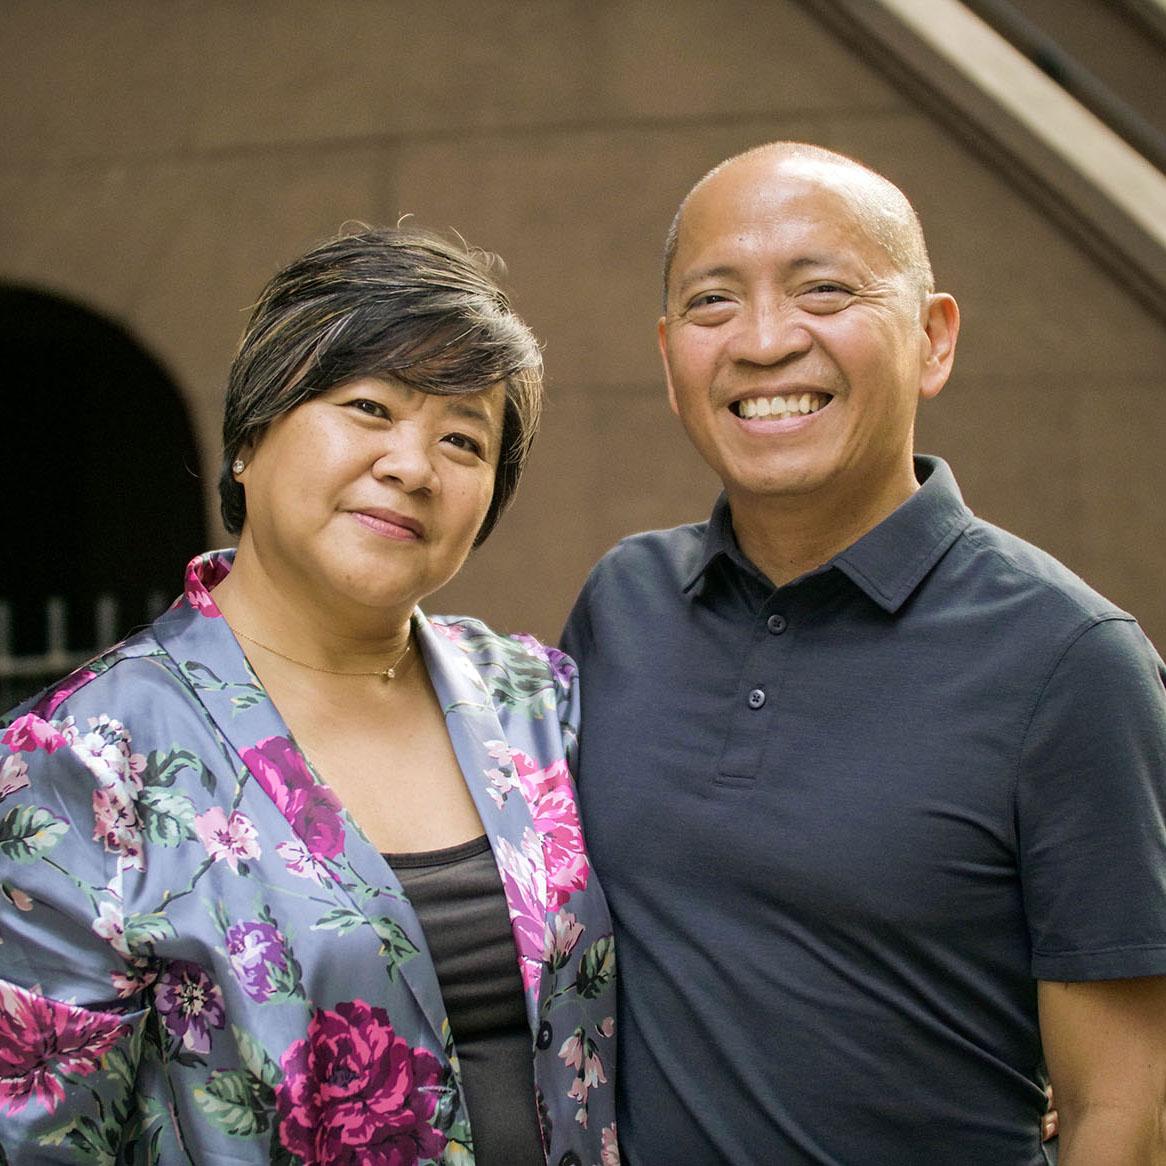 Tim and Tina Aquino